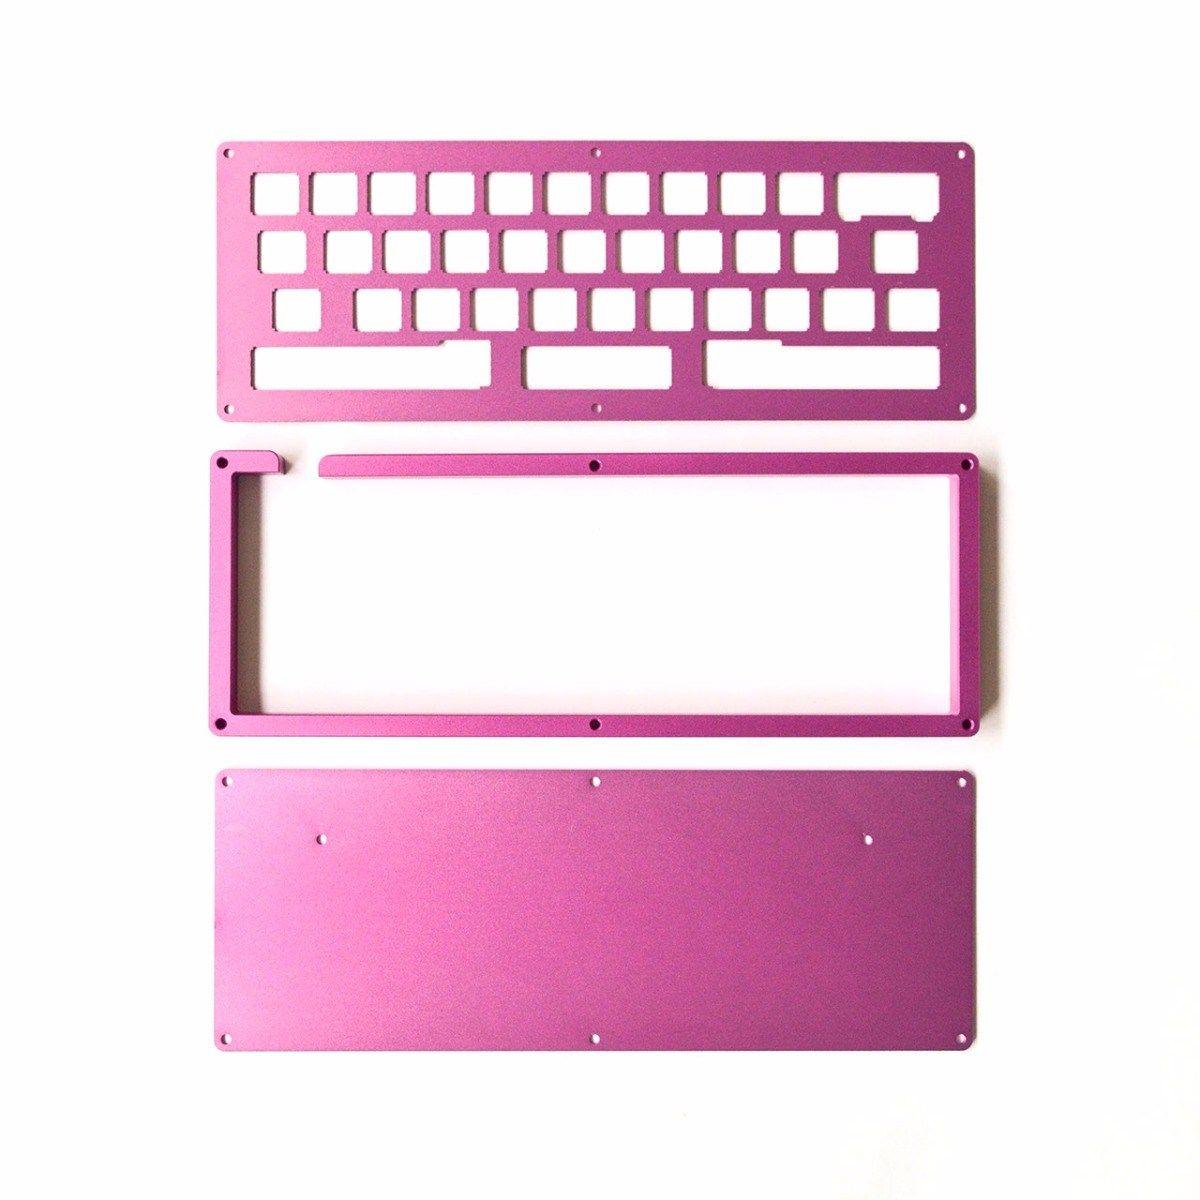 DIY JD40 3-Piece Kit - Pink | Crafts | Keyboard, Computer